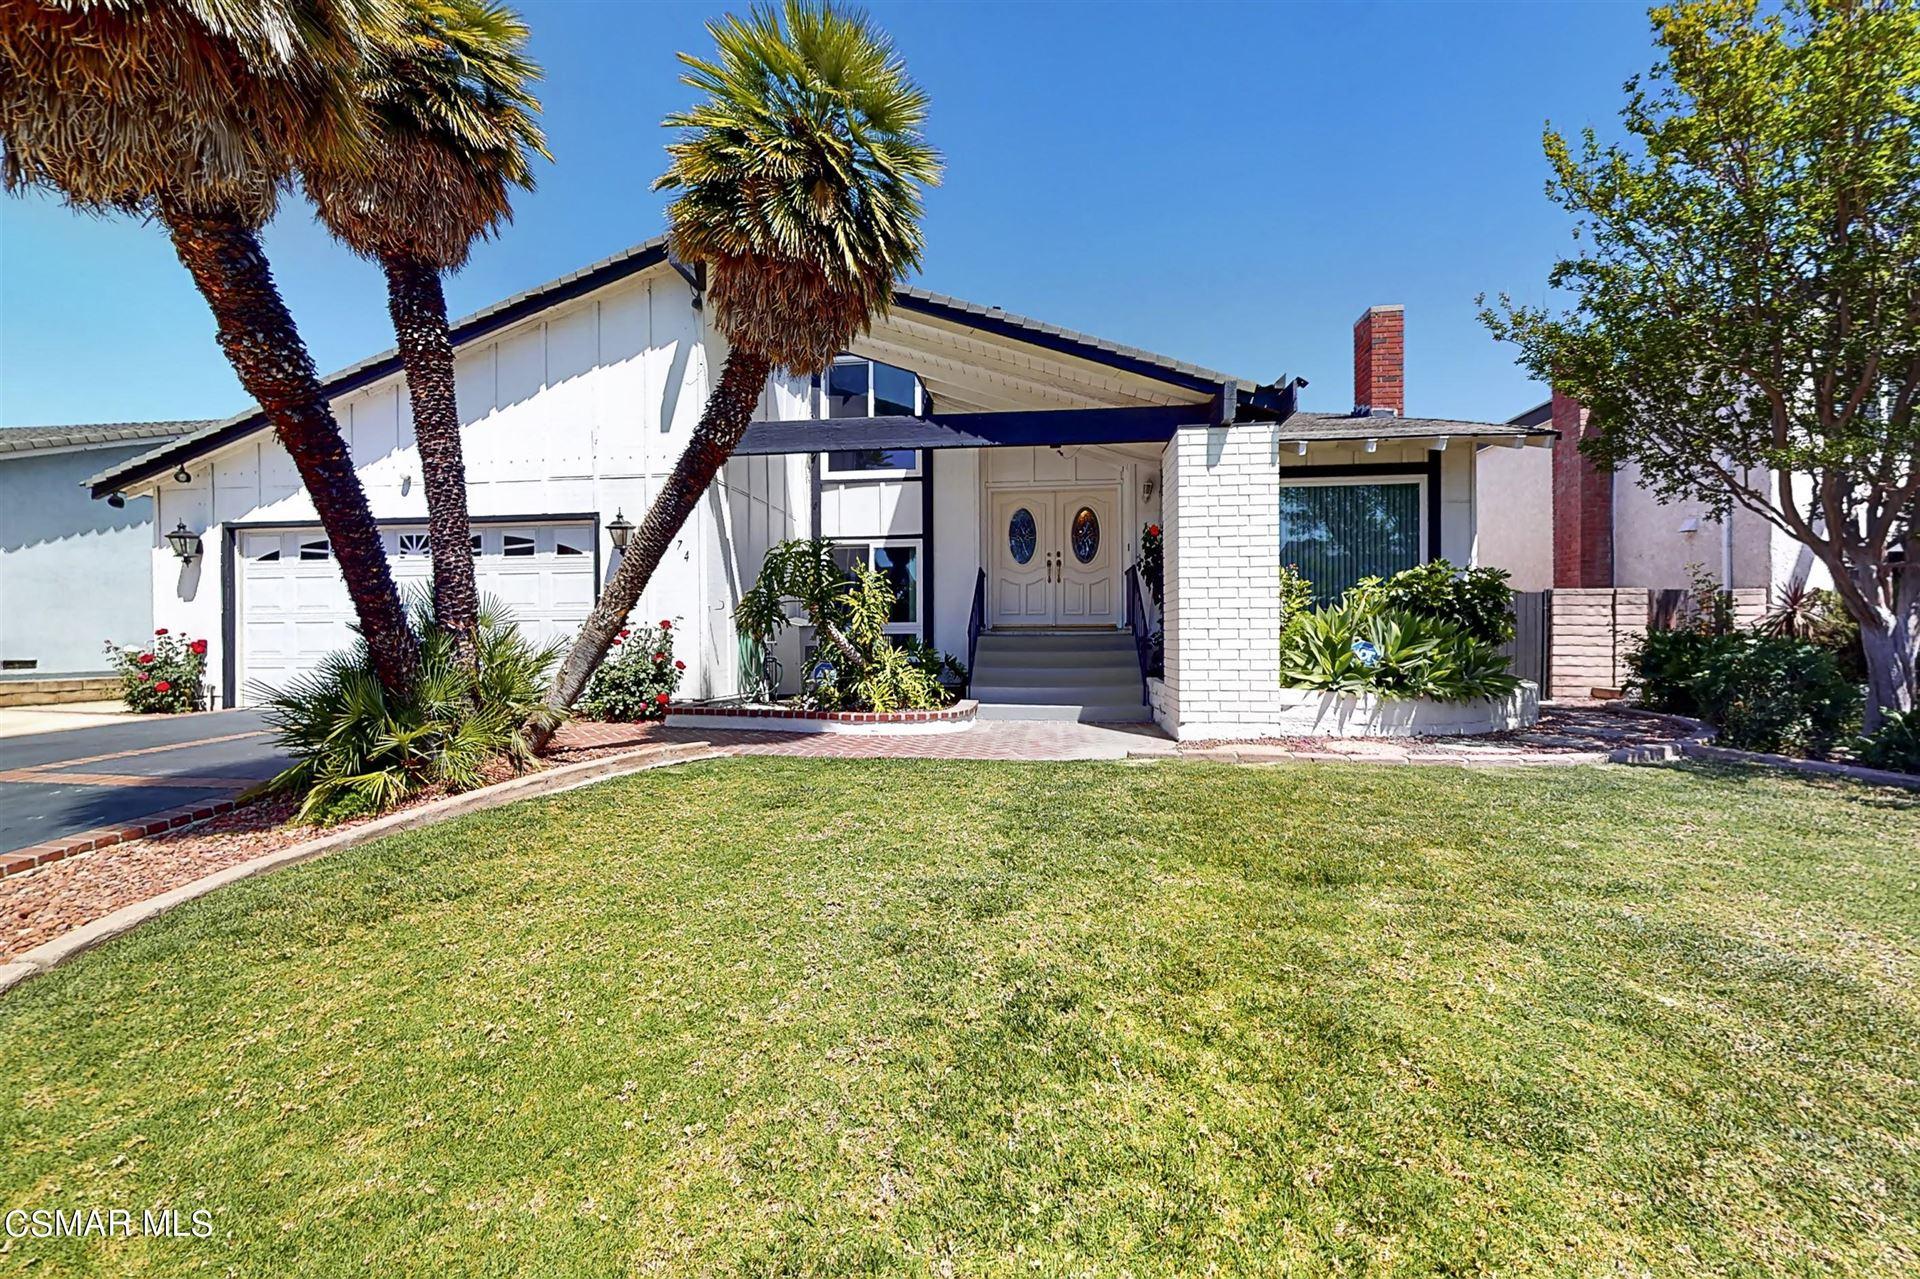 1574 Darcy Avenue, Simi Valley, CA 93065 - MLS#: 221002381